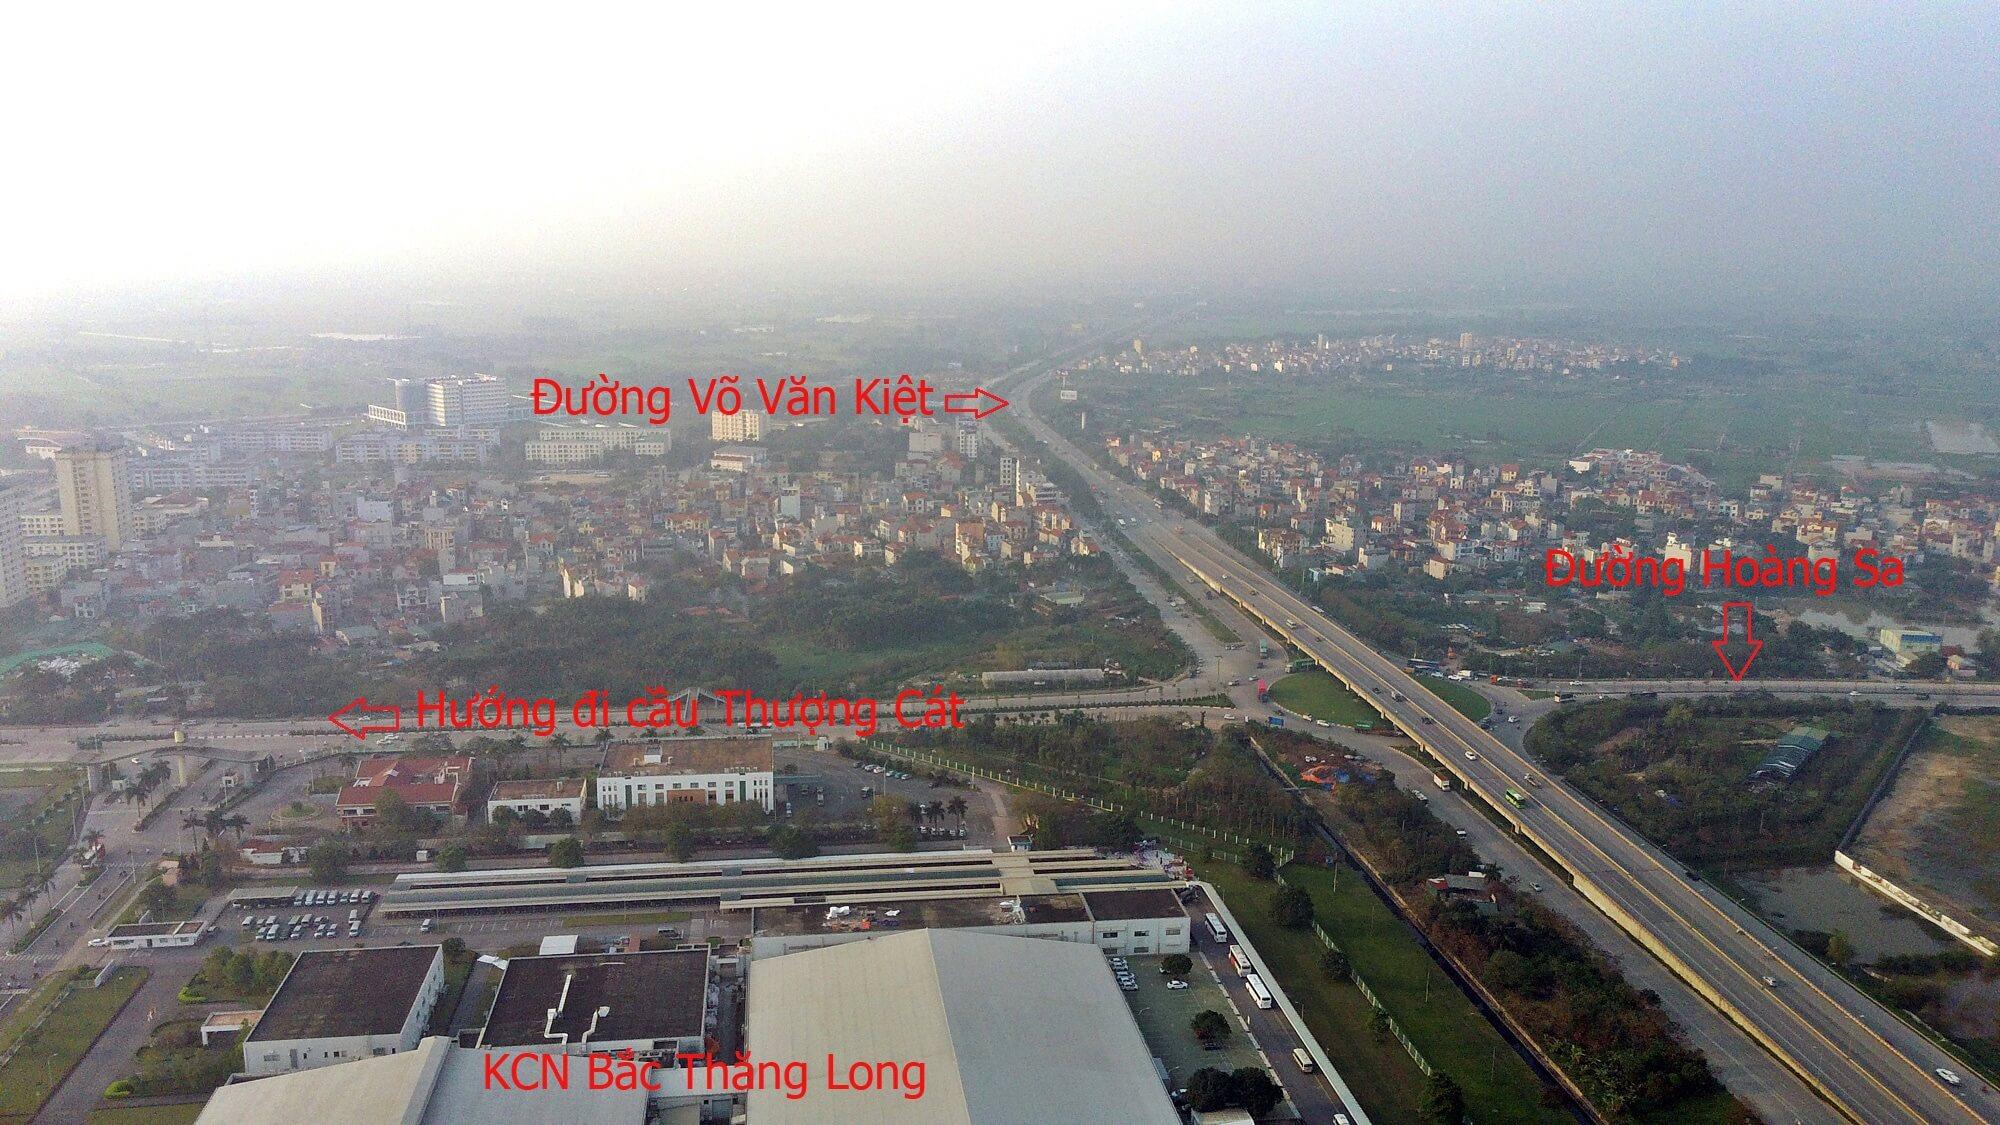 Đoạn đường vành đai 3,5 từ chân cầu Thượng Cát qua cầu vượt Kim Chung kết nối vào đường Hoàng Sa.